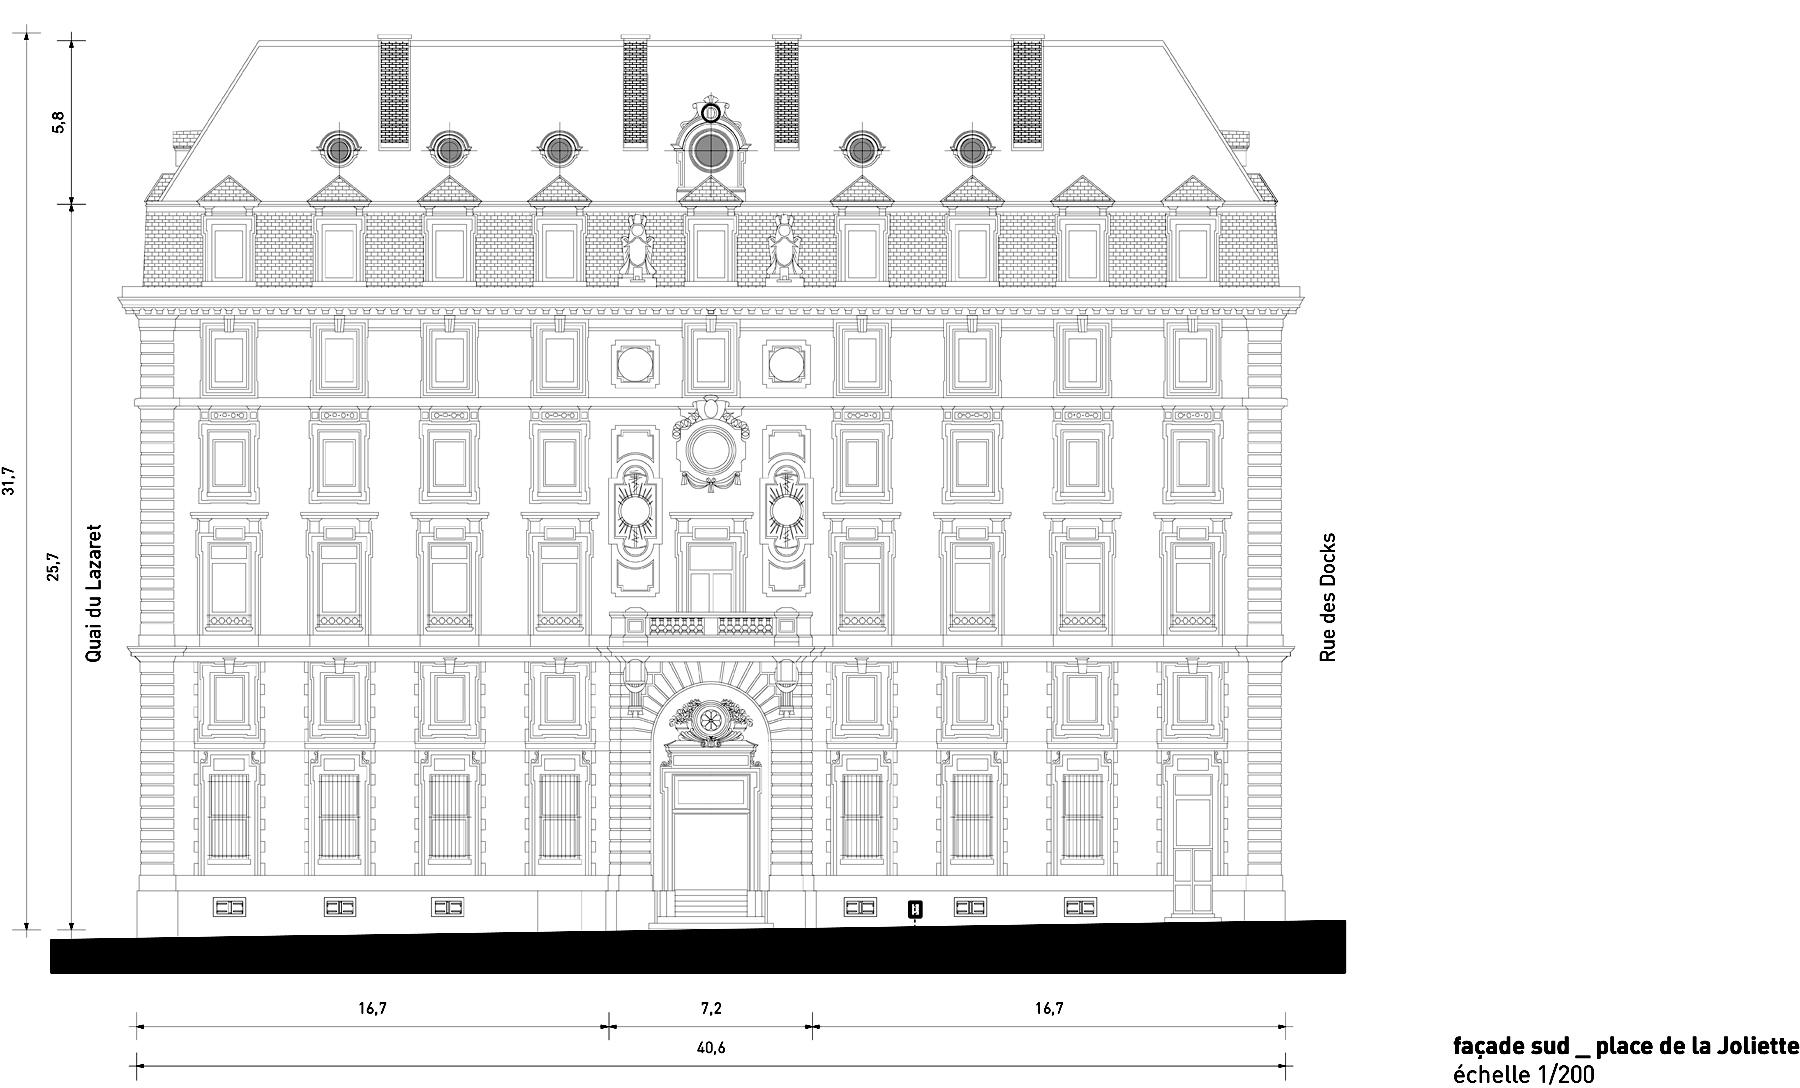 South façade }